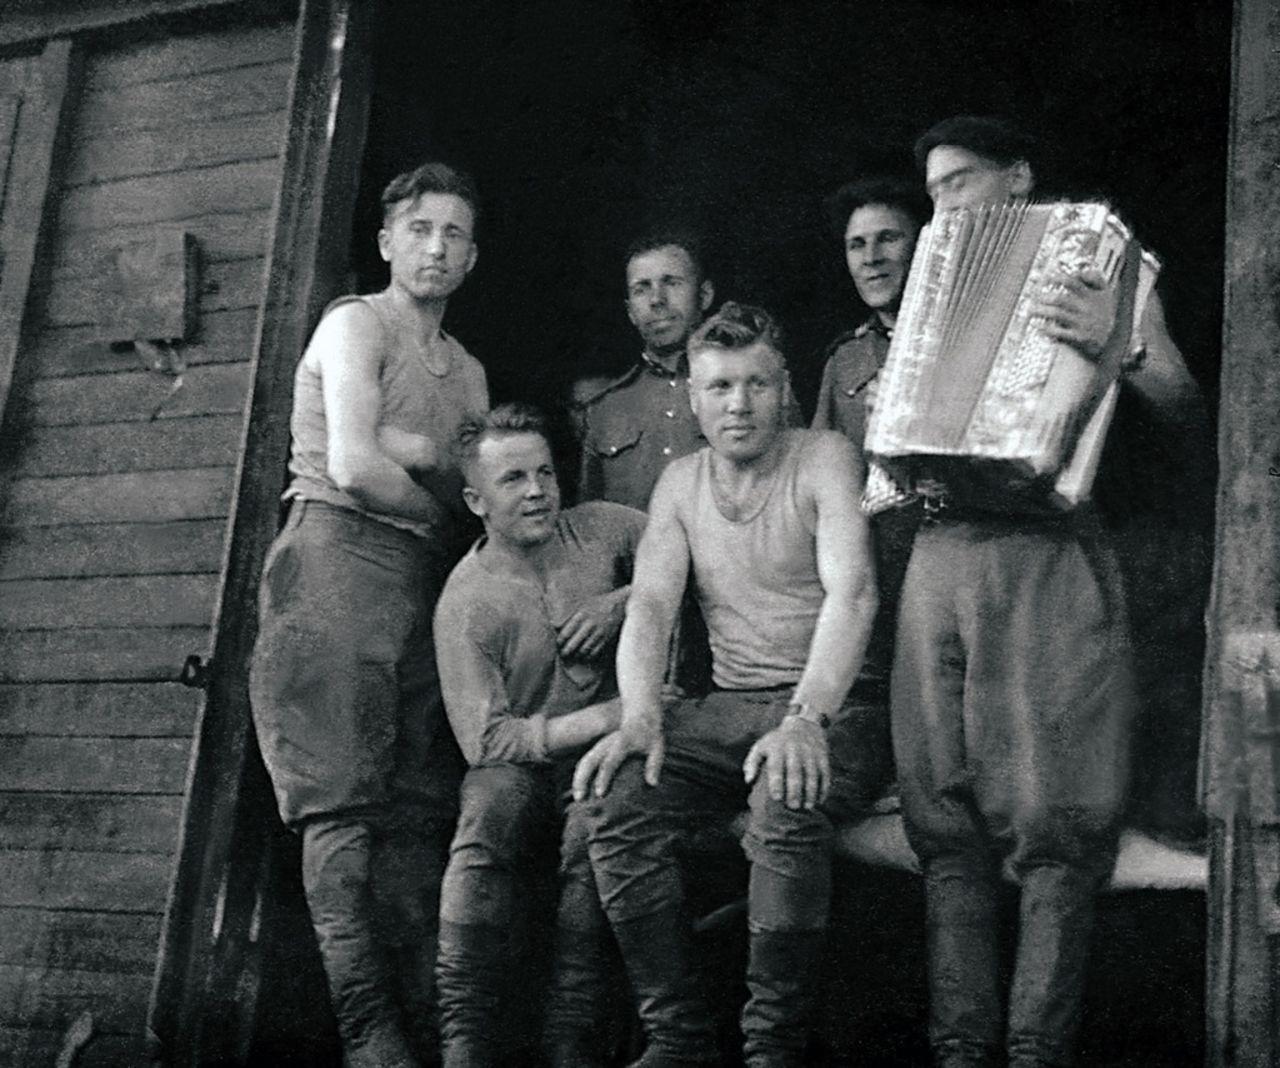 Солдаты, участники освобождения и восстановления Восточной Германии